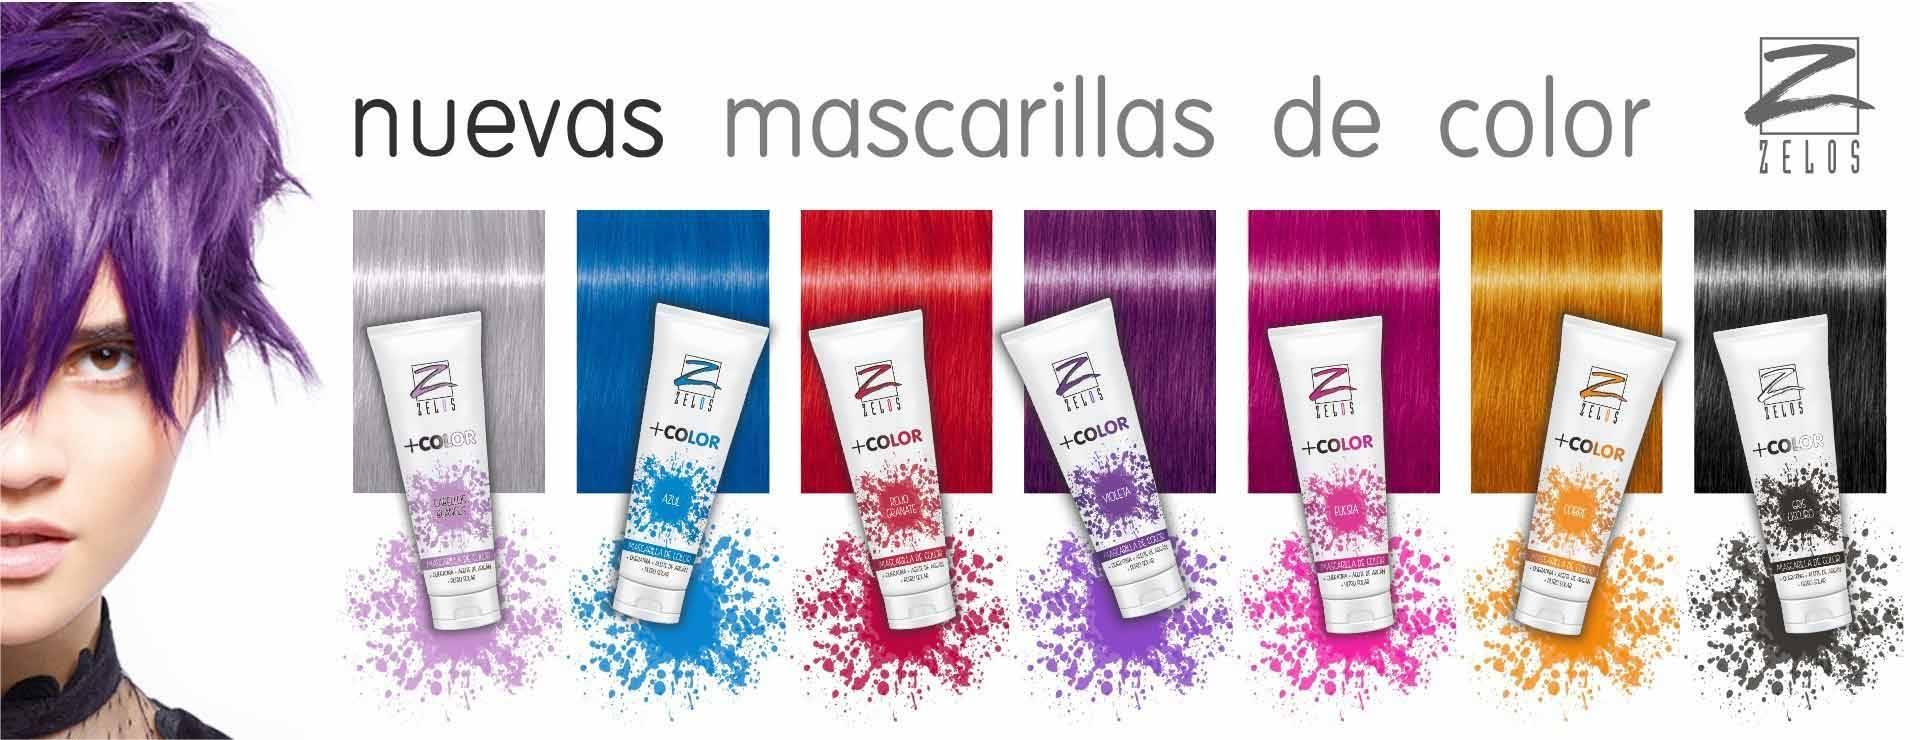 Mascarillas de Color Zelos +Color